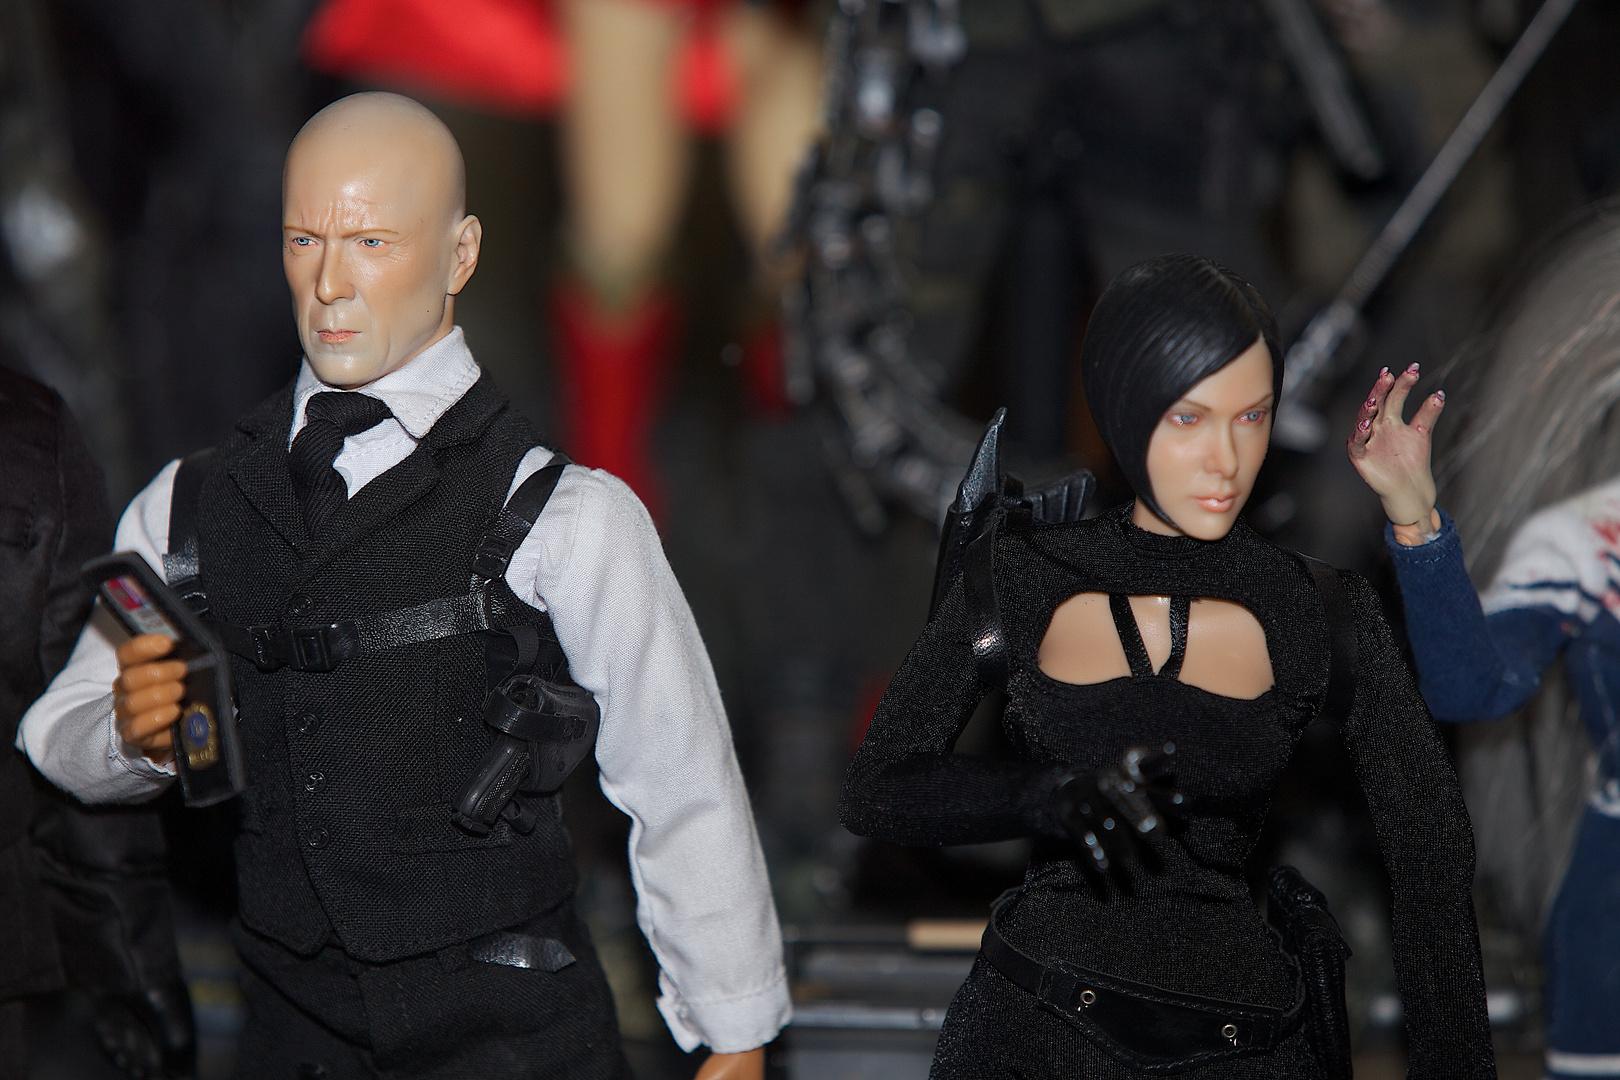 Bruce Willis and Lara Croft